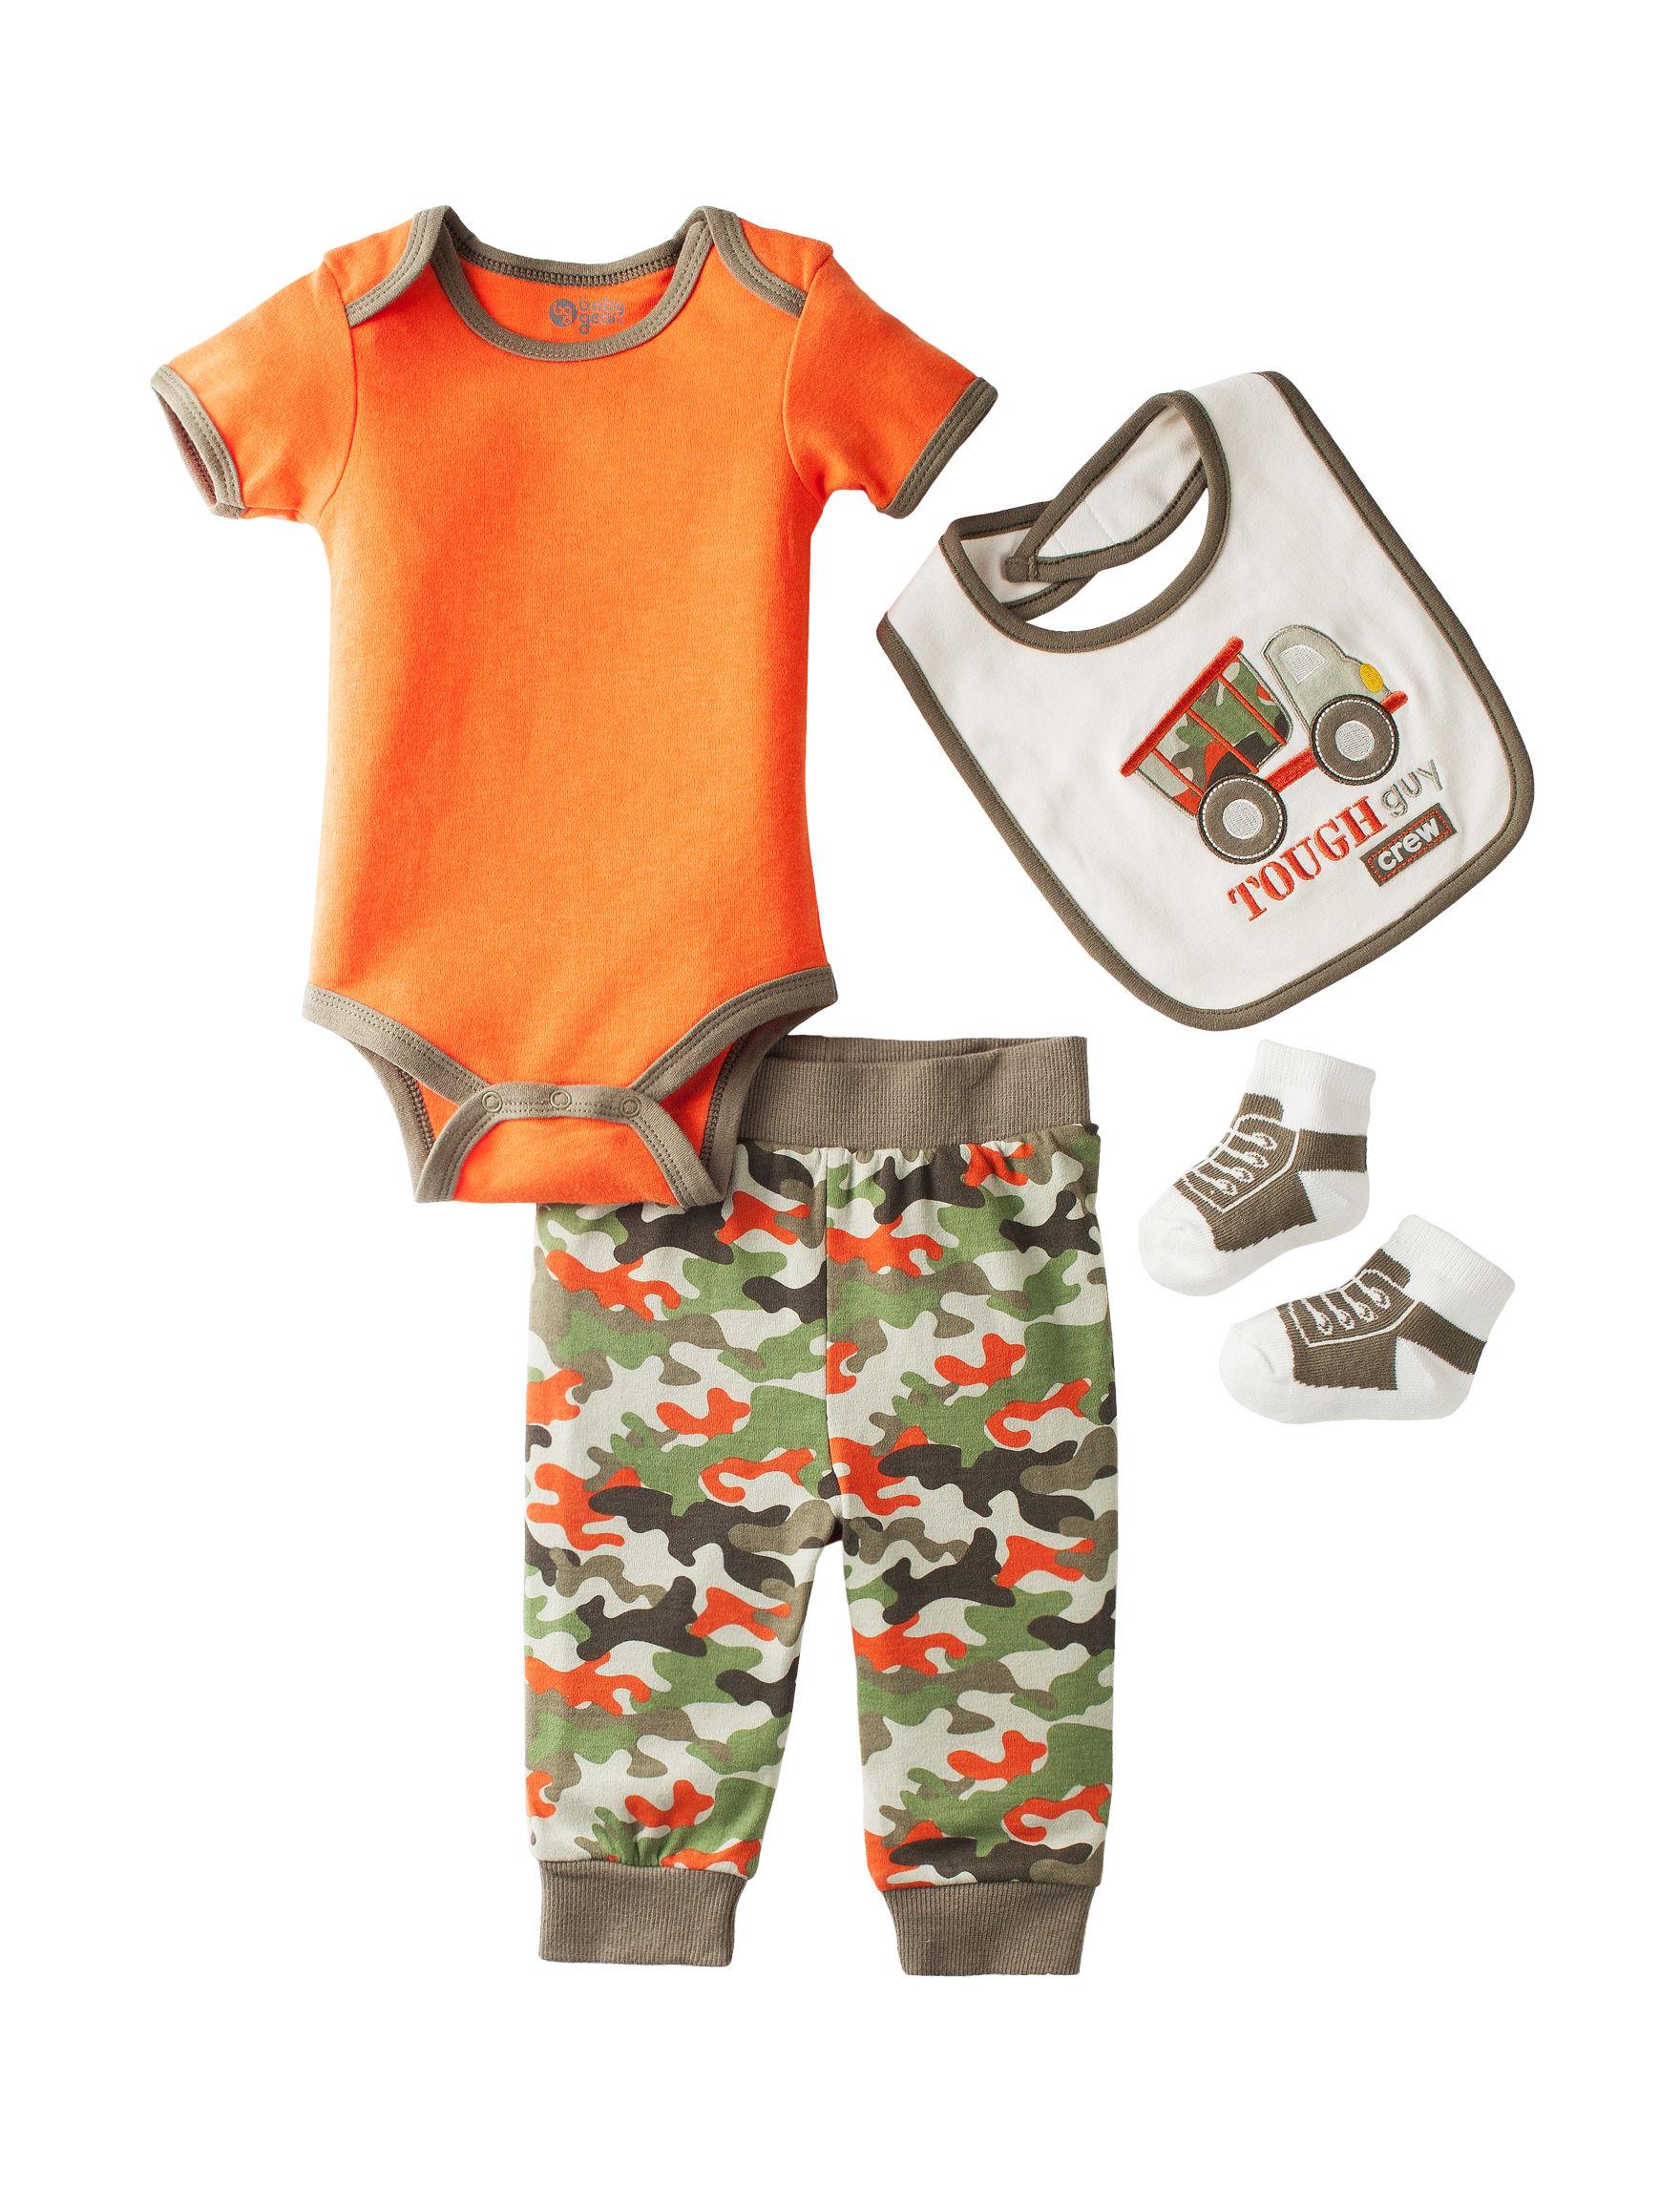 Baby Gear Orange